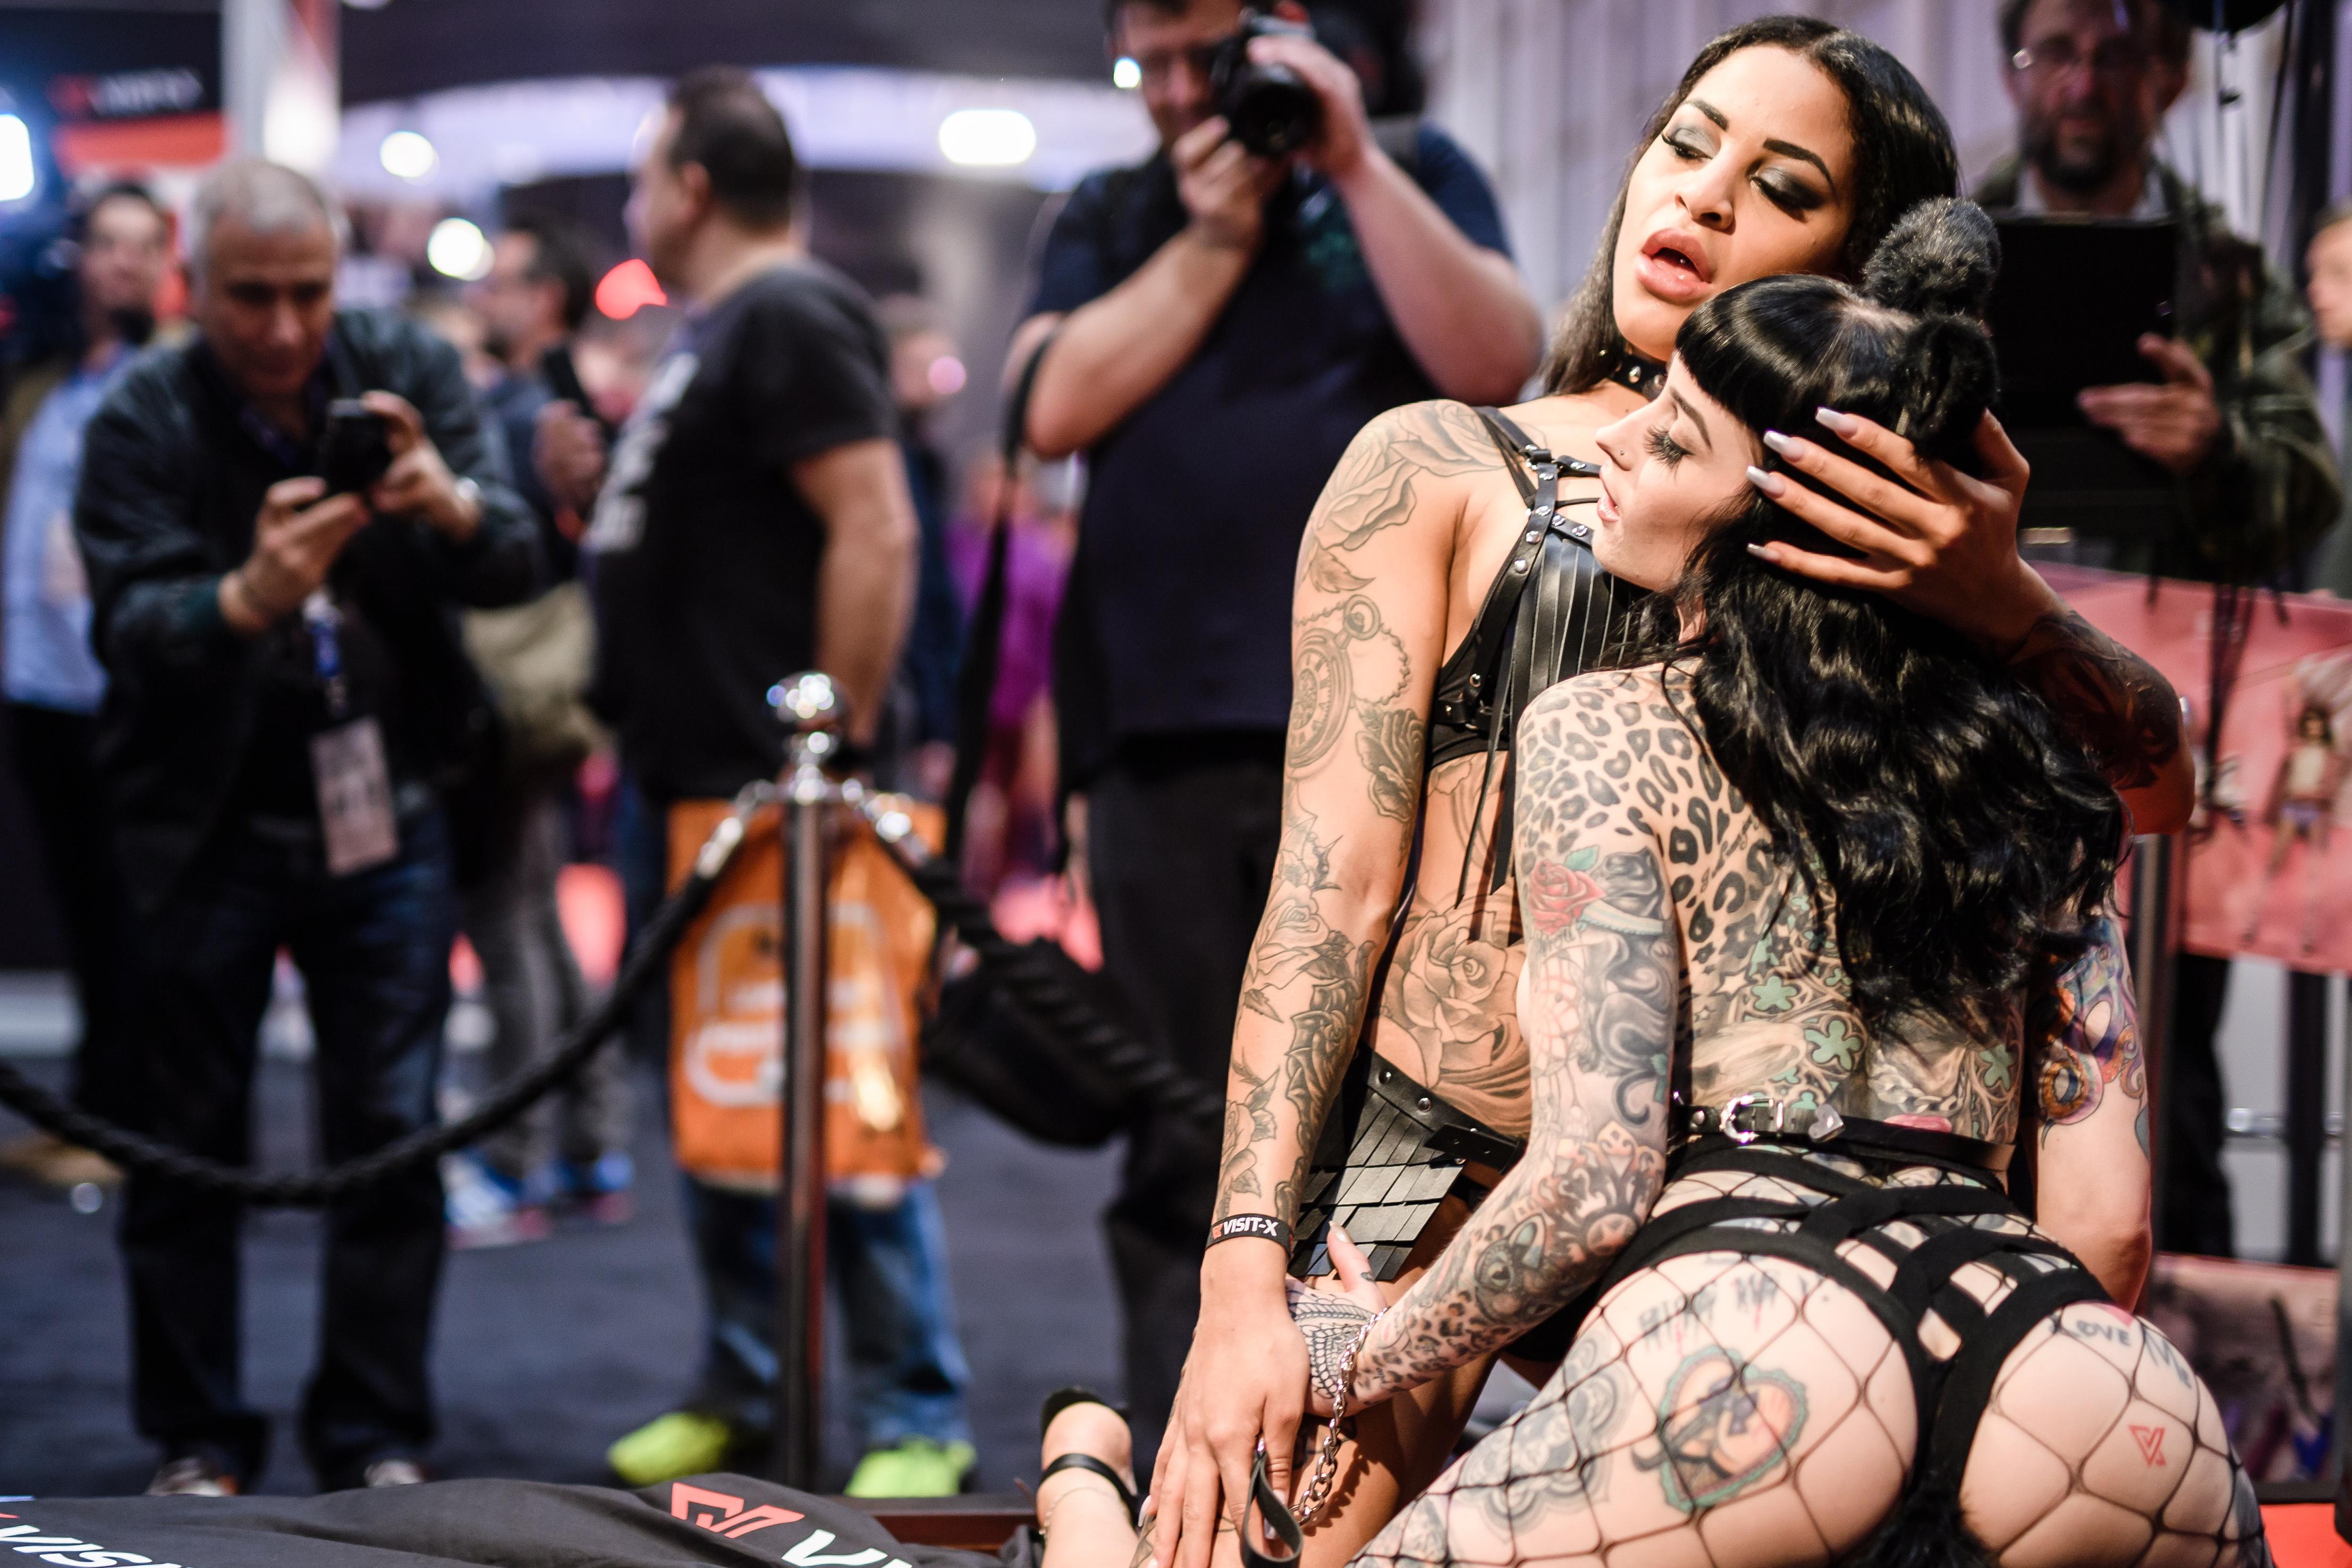 """Откриването на Еротичния панаир """"Венера"""" в Берлин, Германия. """"Венера""""  Берлин е сред най-големите международни еротични панаири с над 250 изложители от 40 страни и над 30 000 посетители"""